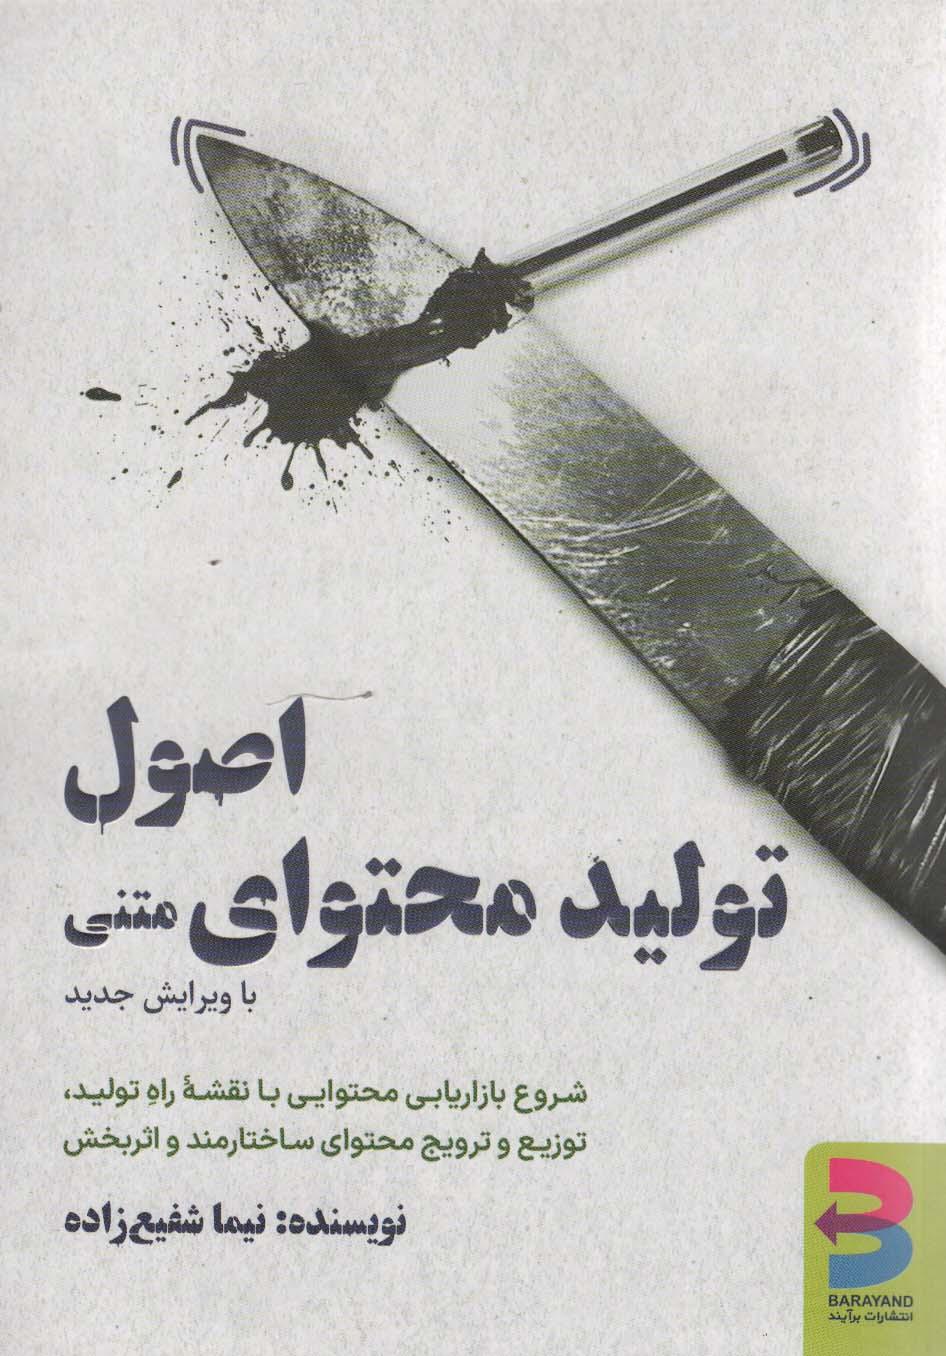 اصول تولید محتوای متنی با تمرکز بر بلاگ پست نویسی ساختارمند و اثربخش